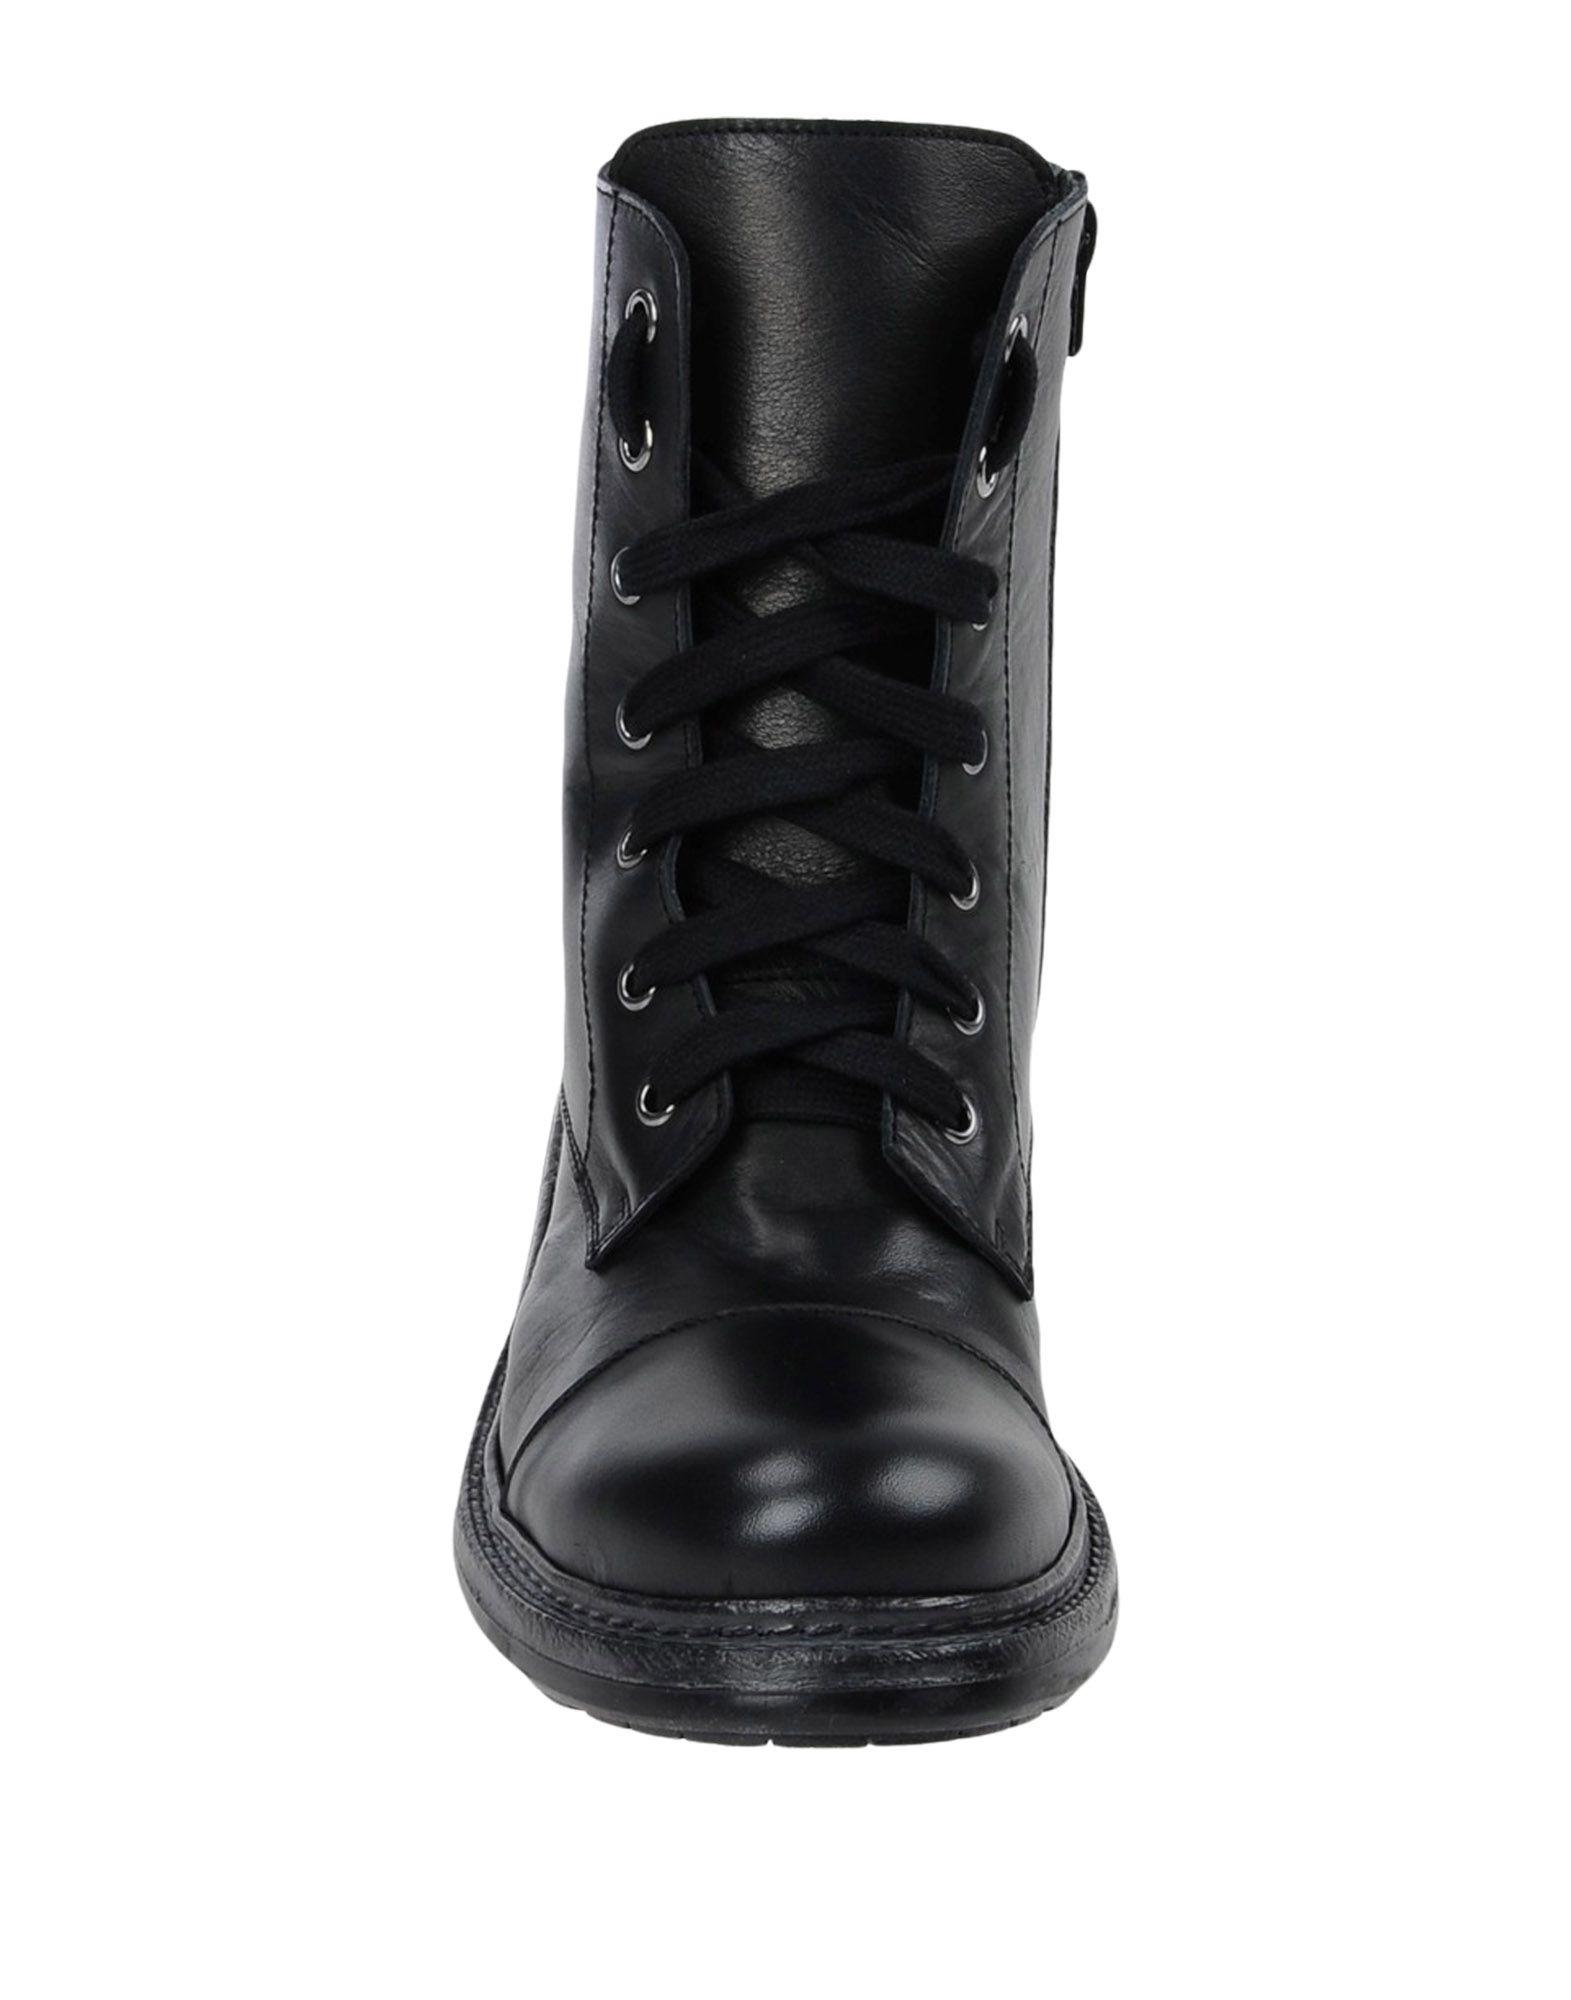 George J. Love Stiefelette Damen beliebte  11329277NI Gute Qualität beliebte Damen Schuhe 7619a7